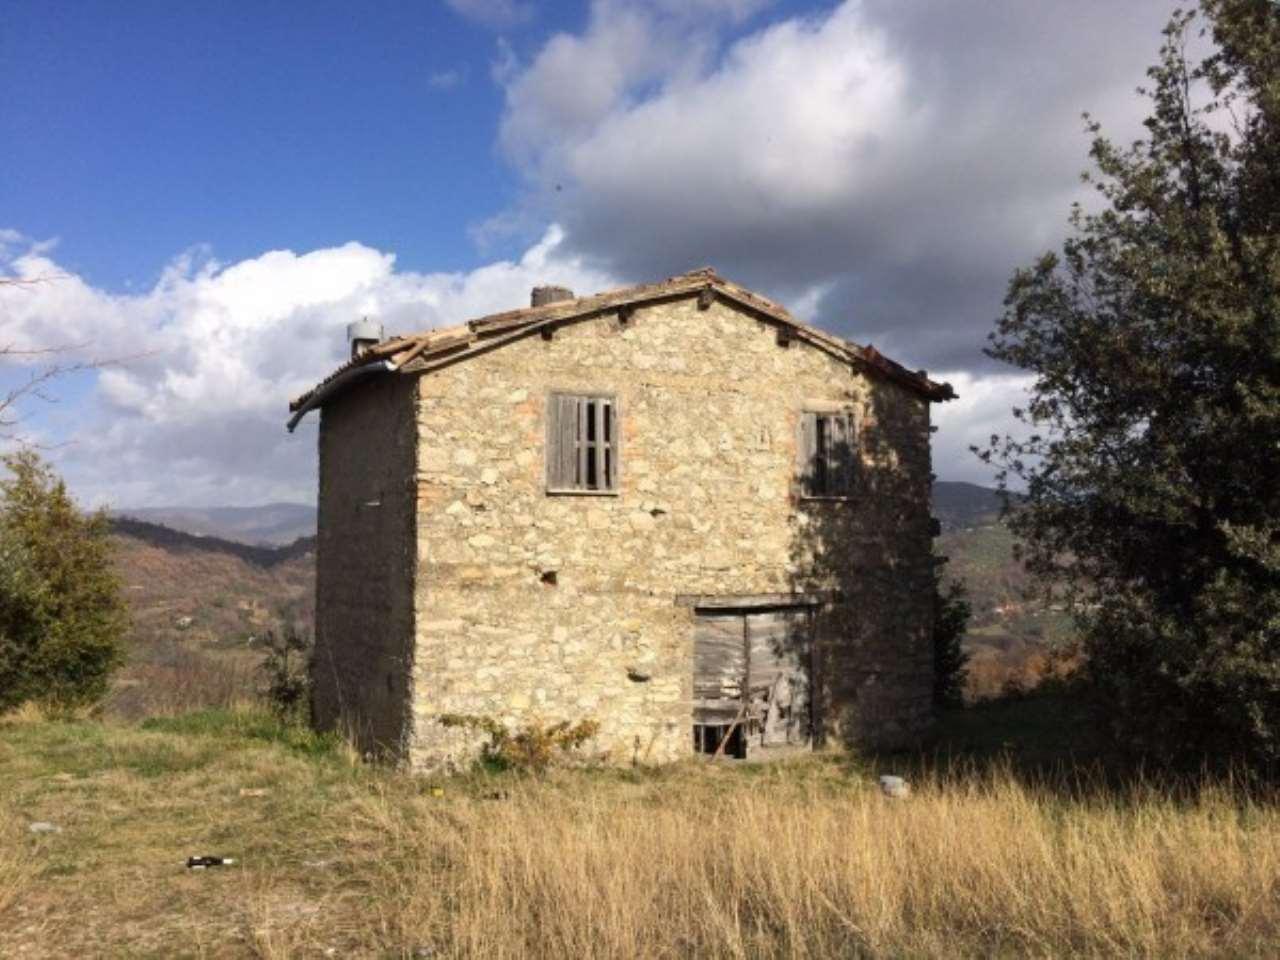 Rustico / Casale in vendita a Poggio Nativo, 2 locali, prezzo € 60.000 | Cambio Casa.it